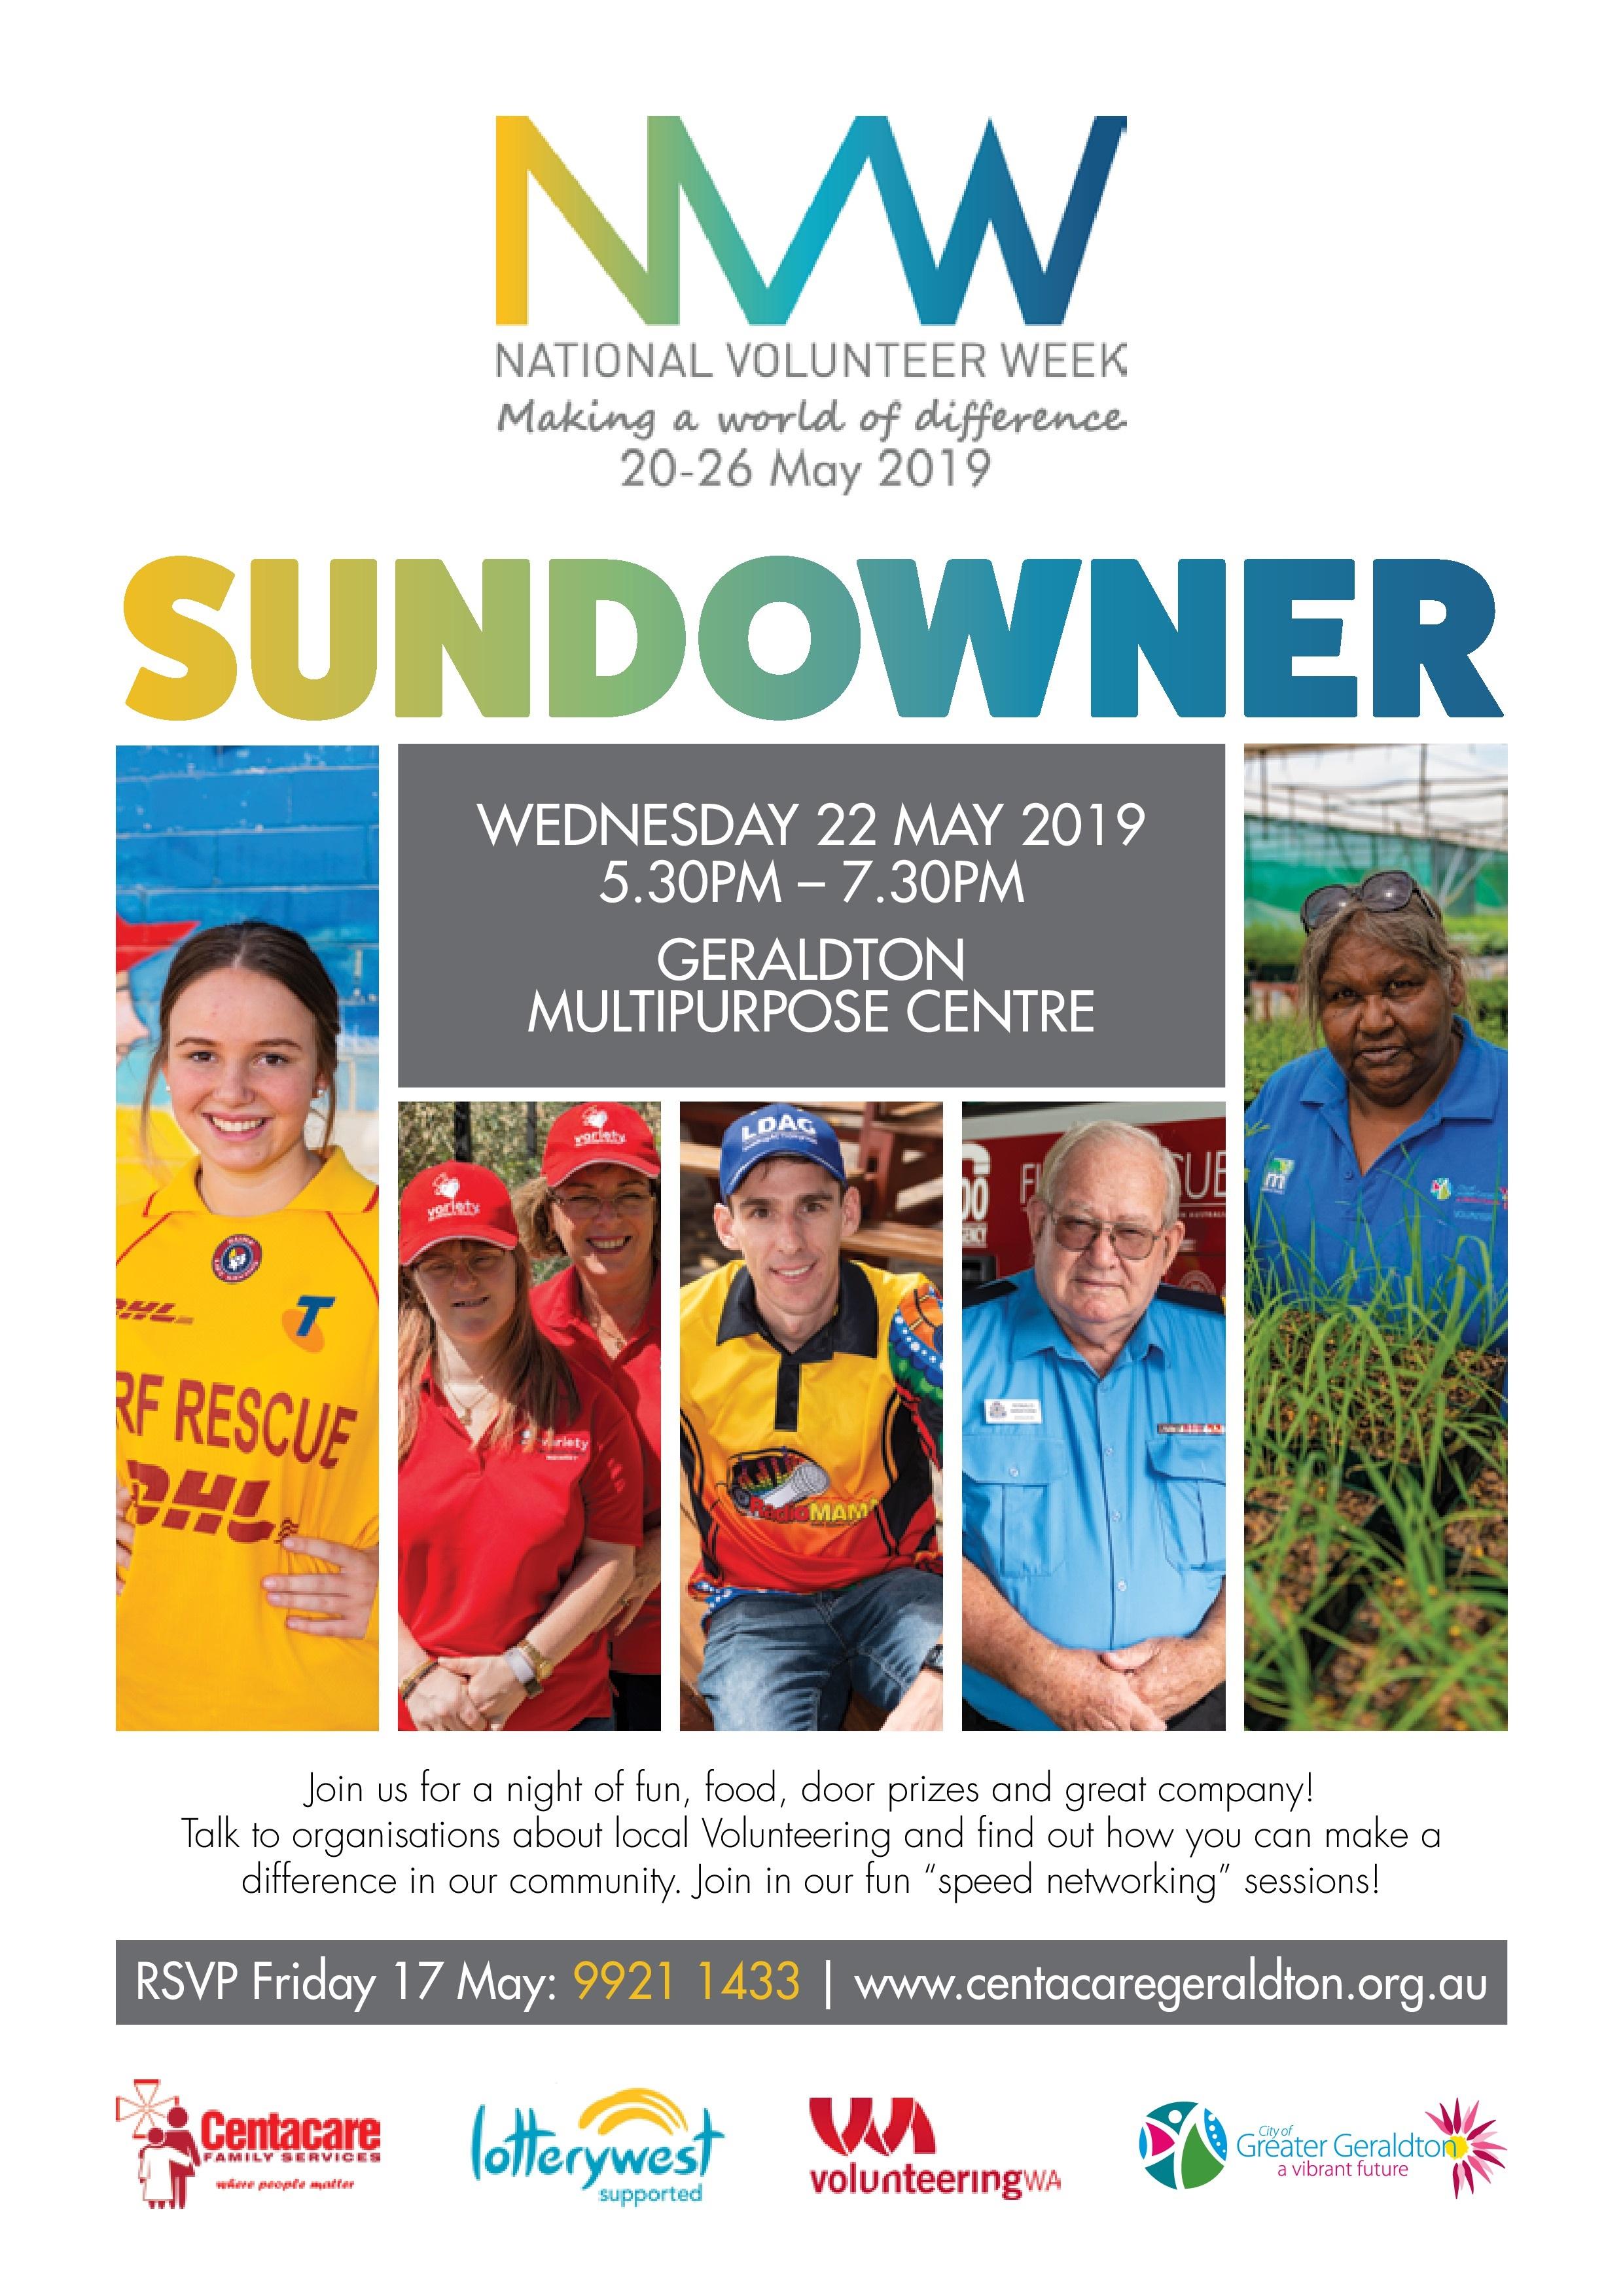 NVW Sundowner Poster.jpg